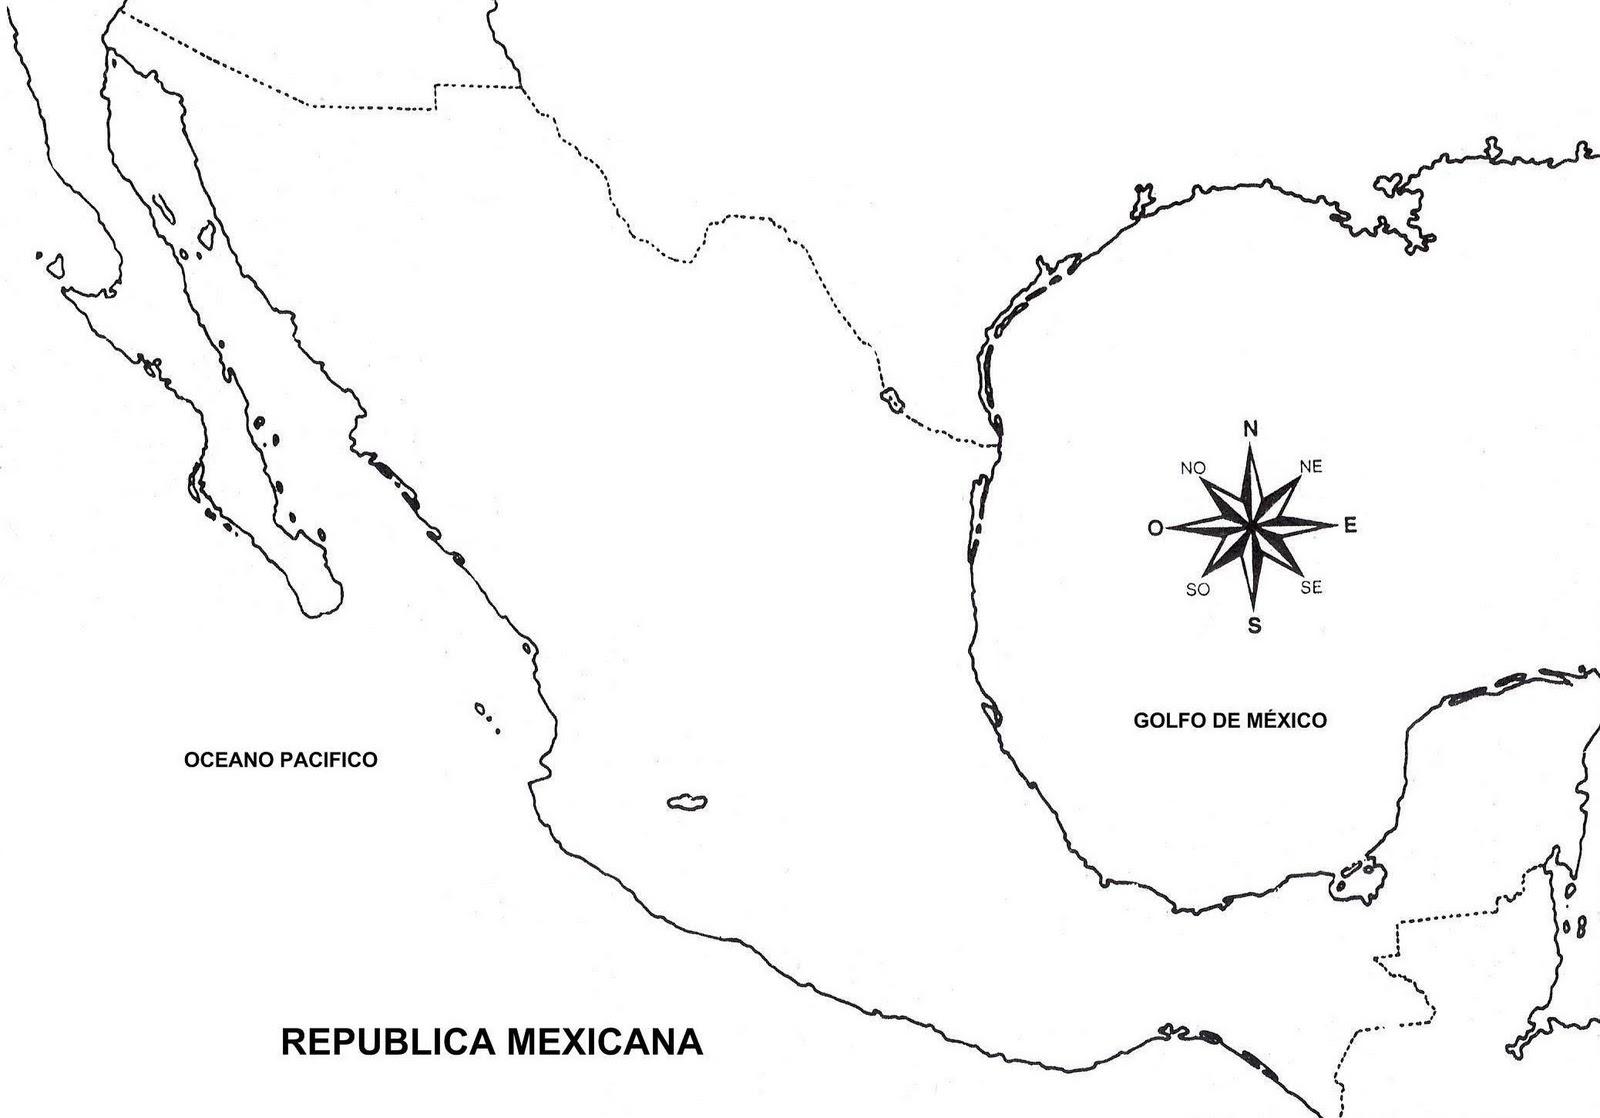 Mapa De La República Mexicana Sin Nombre Y Sin División Política